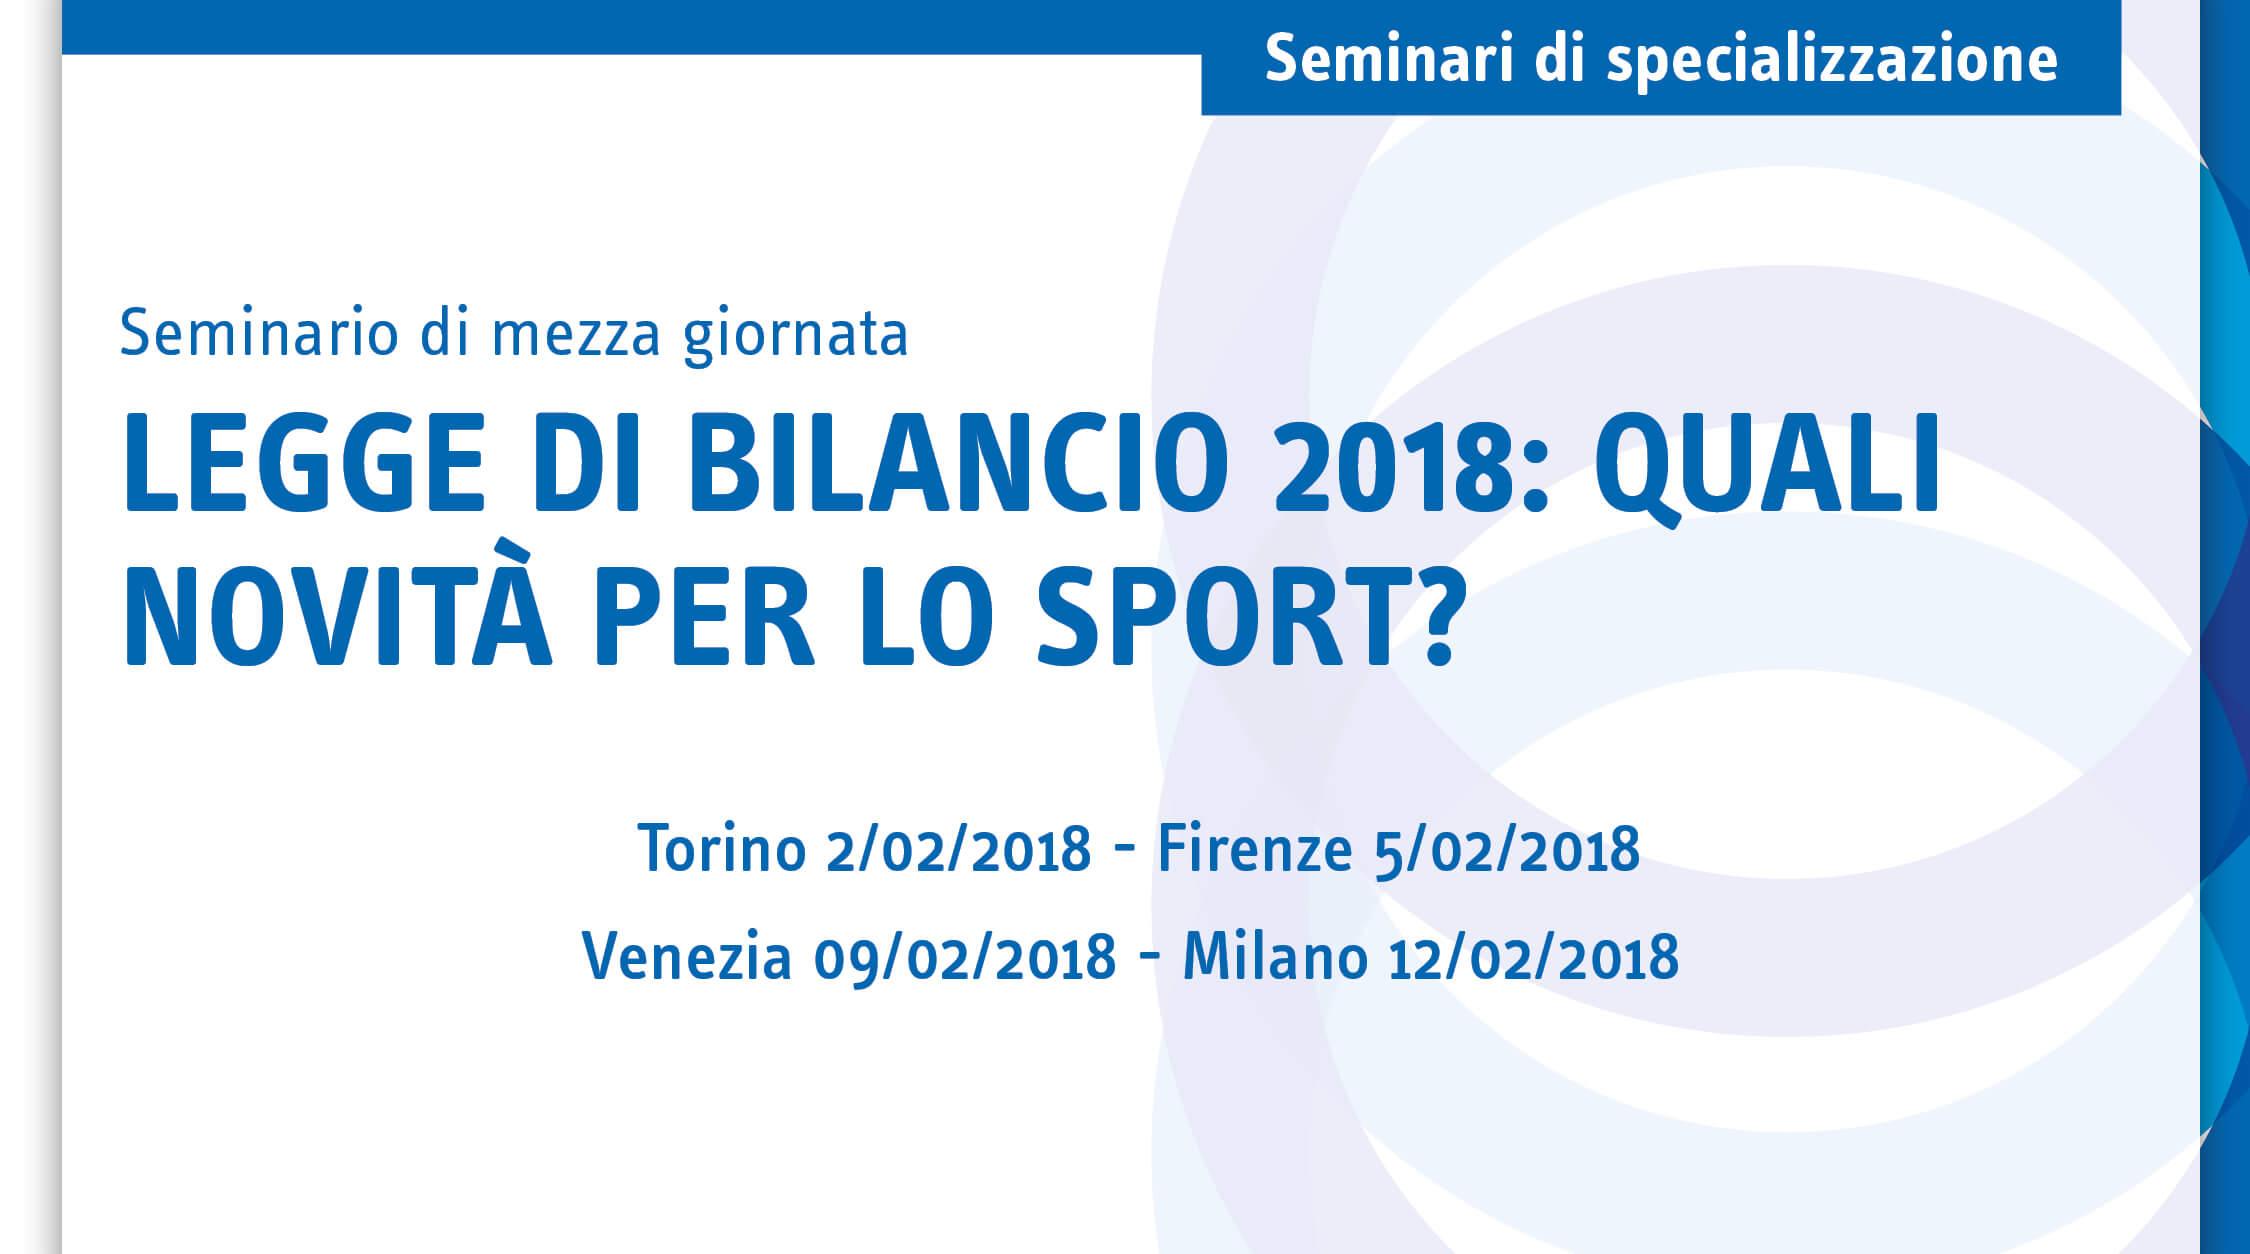 Legge di bilancio 2018: quali novità per lo sport?